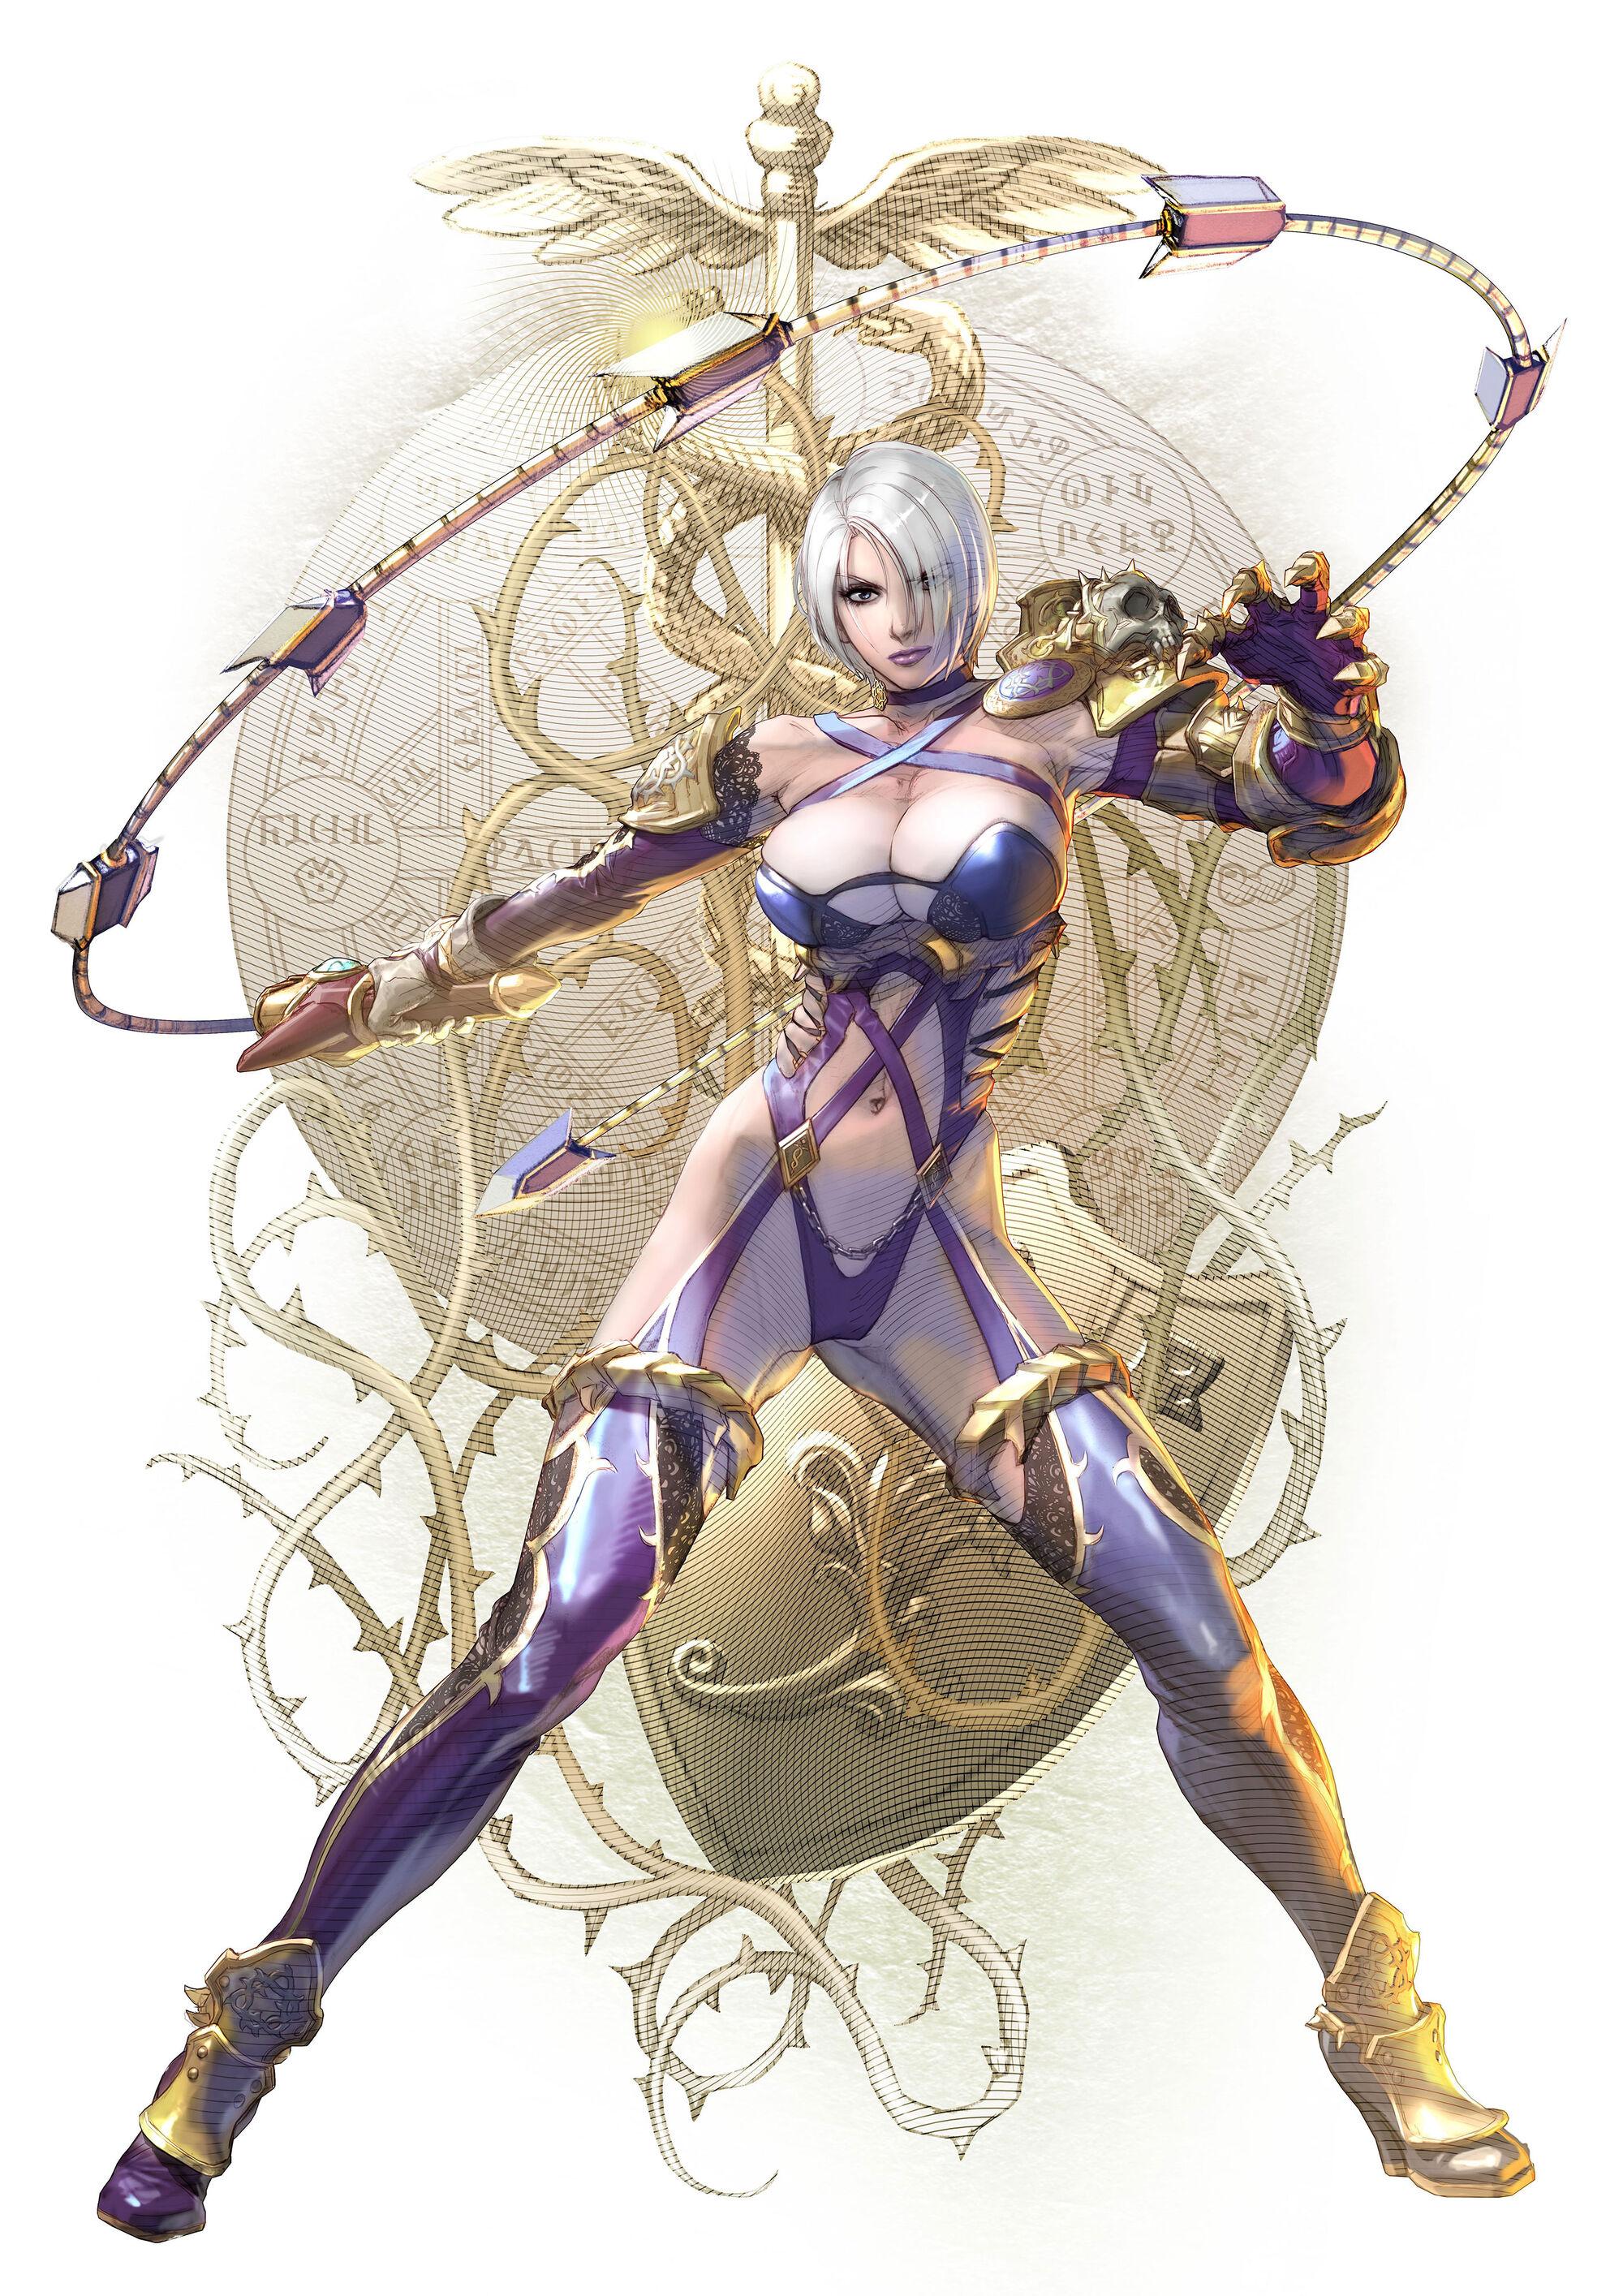 Ivy/New Timeline | Soulcalibur Wiki | FANDOM powered by Wikia